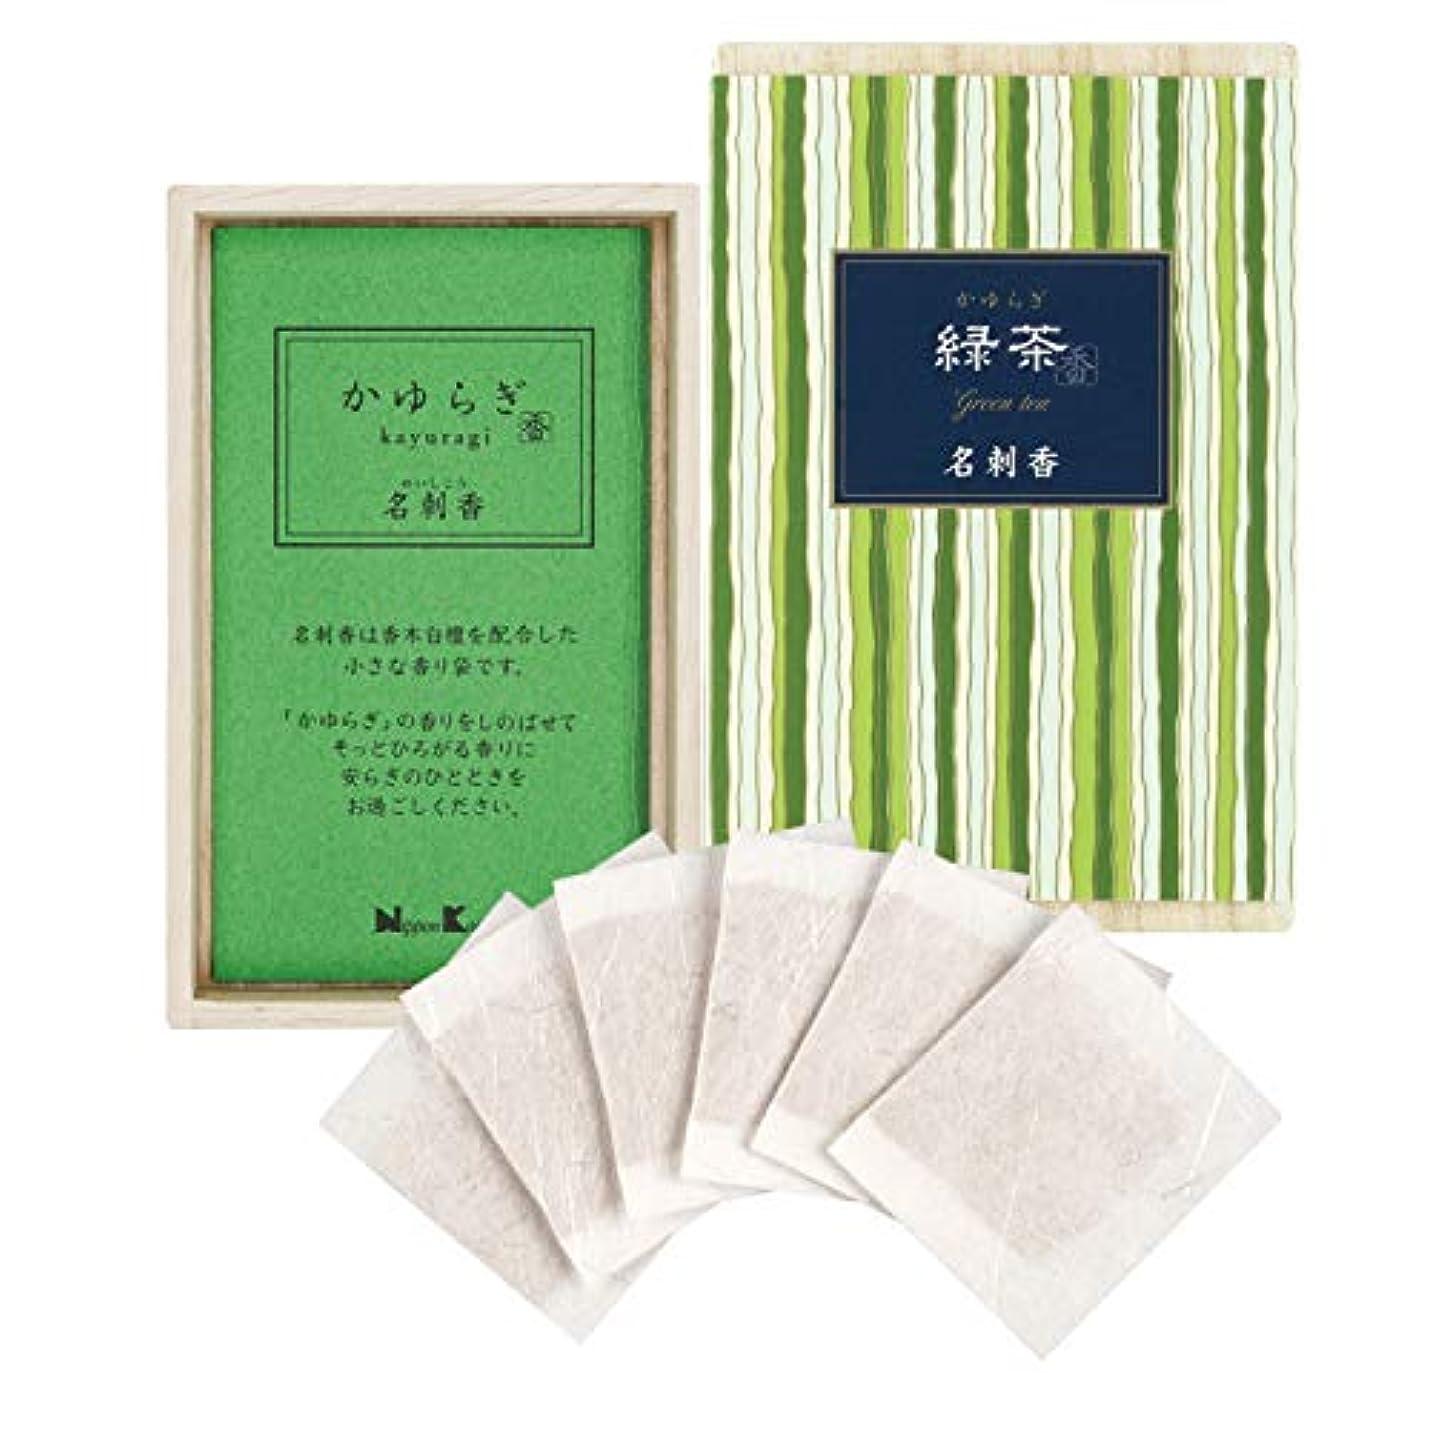 爪エンディング乱雑なかゆらぎ 緑茶 名刺香 桐箱 6入